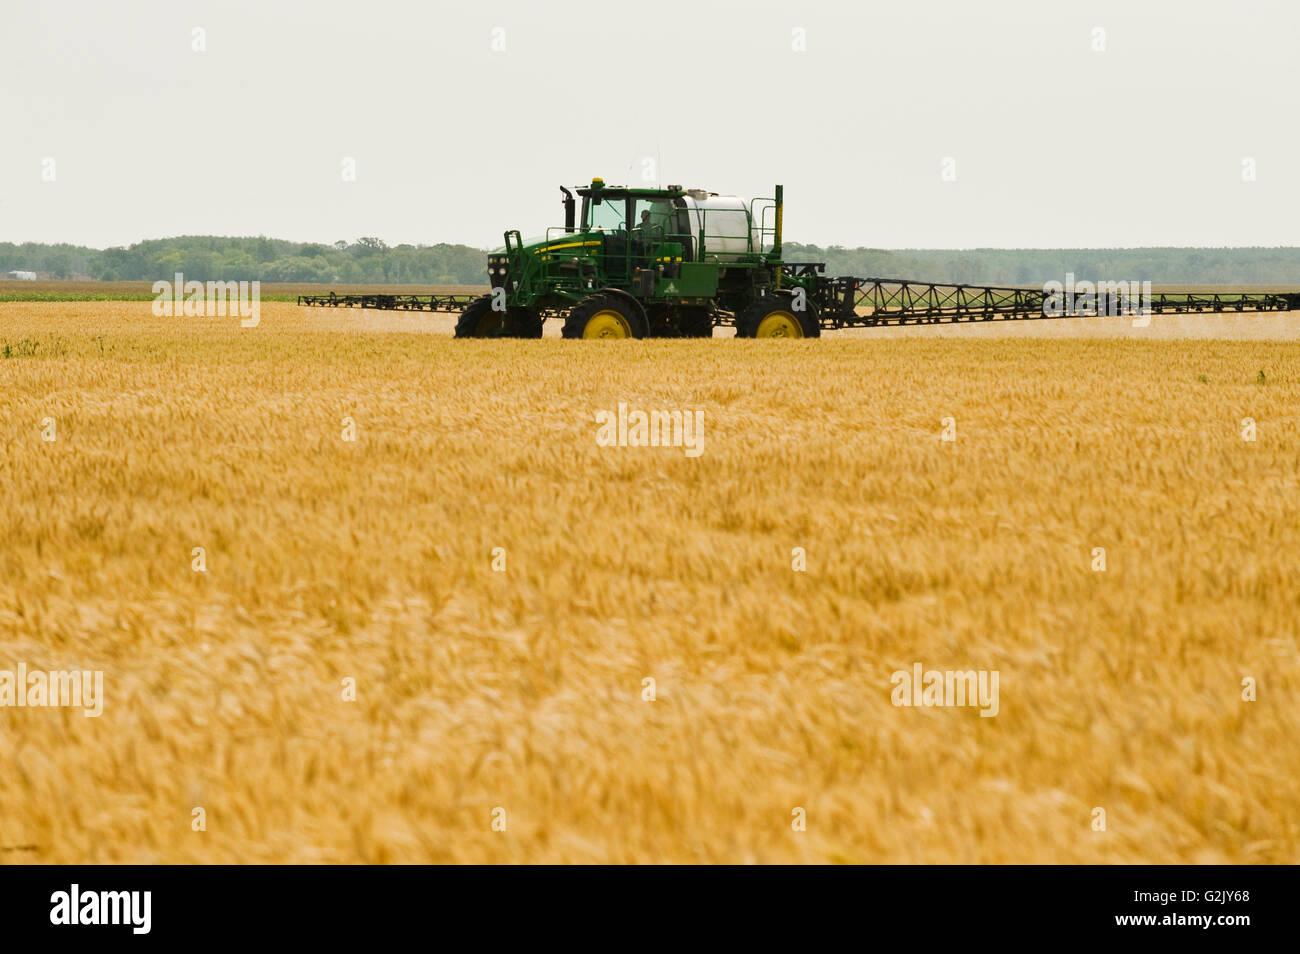 Un pulvérisateur enjambeur donne une application d'herbicides chimiques pour mûrir le blé d'hiver, Photo Stock